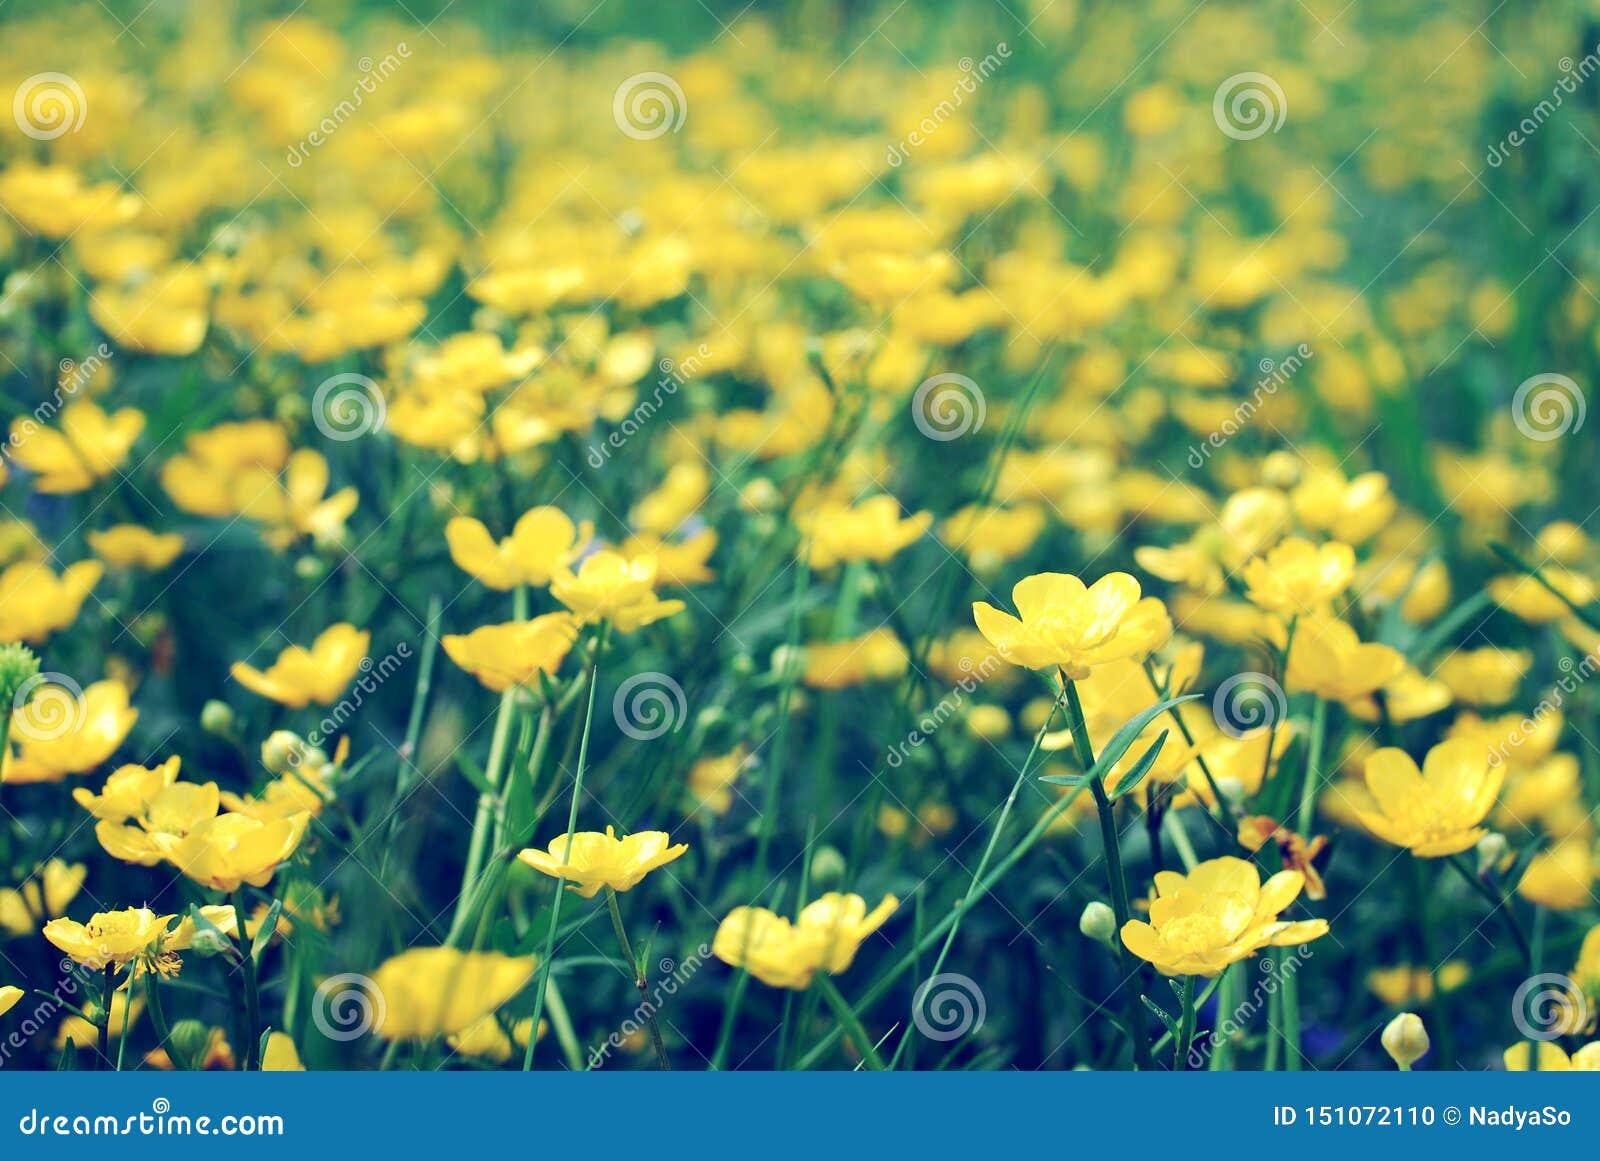 Campo de las flores amarillas salvajes, ranúnculos florecientes